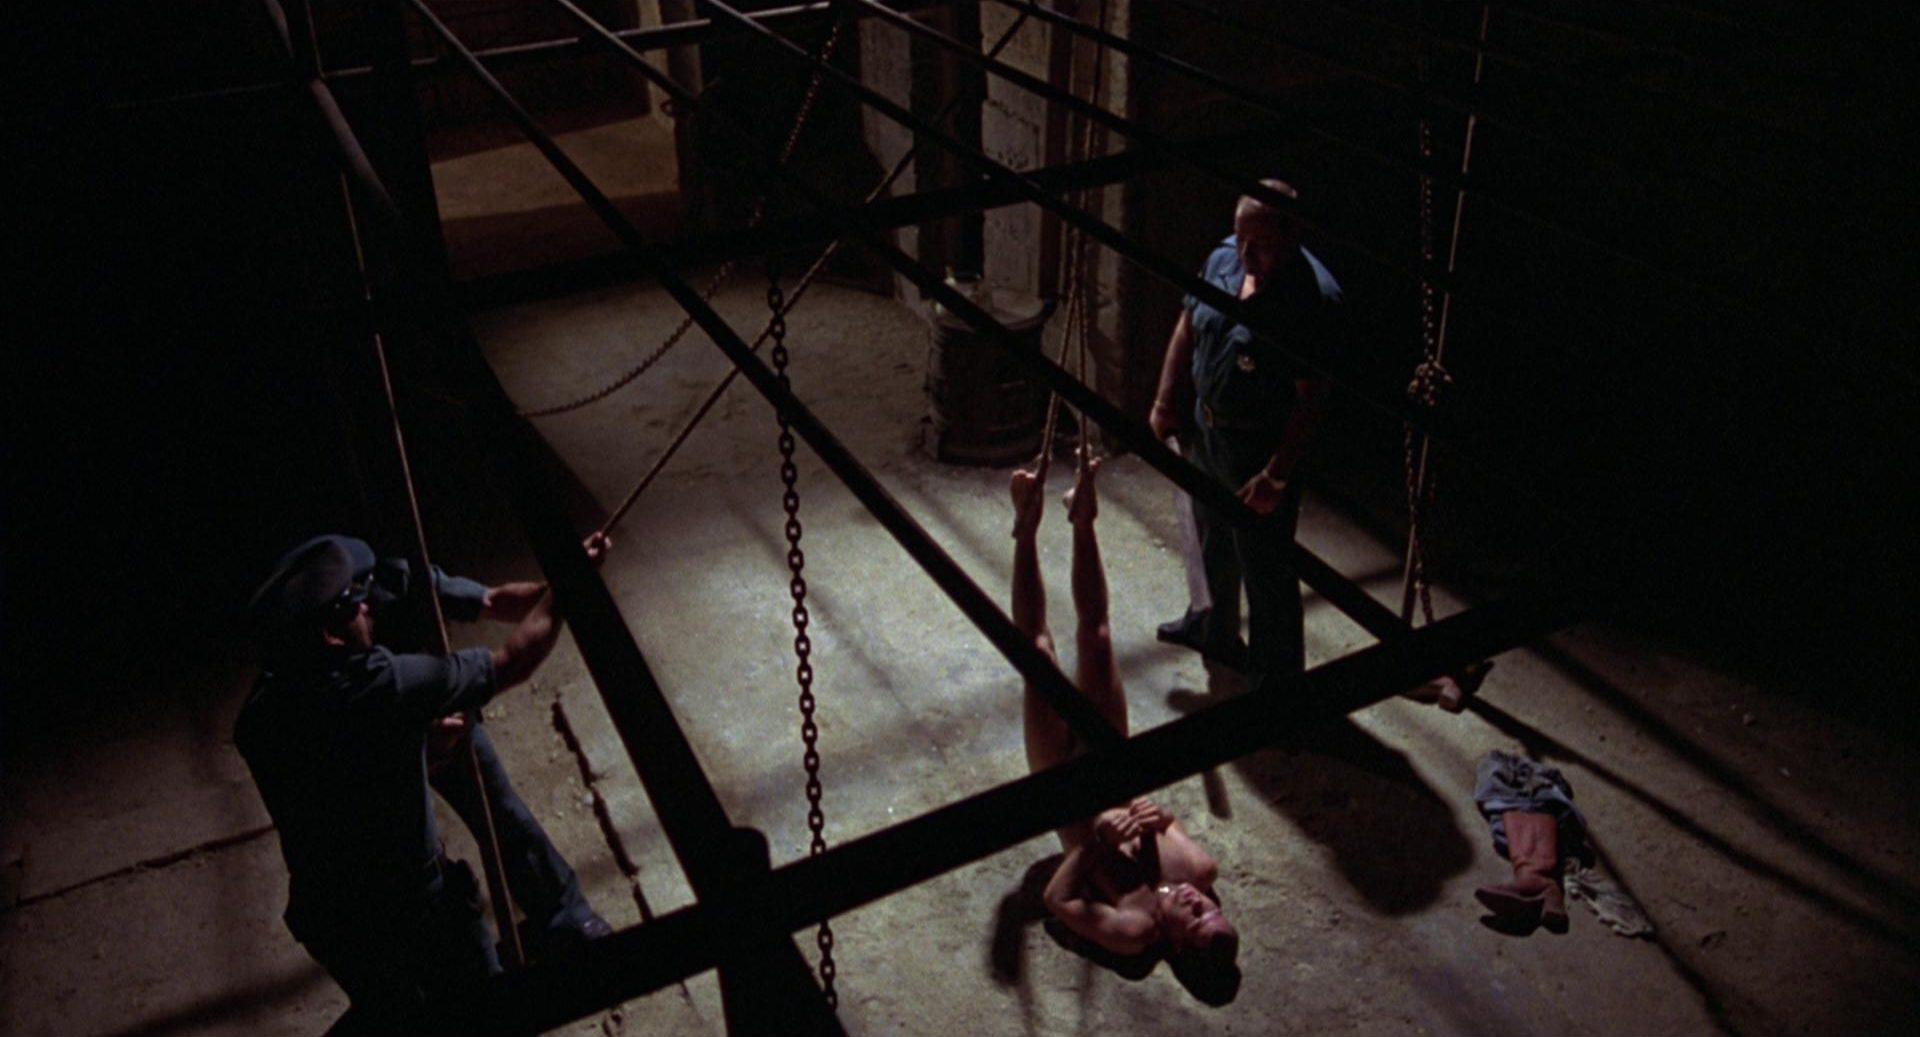 Folter im Gefängnis.